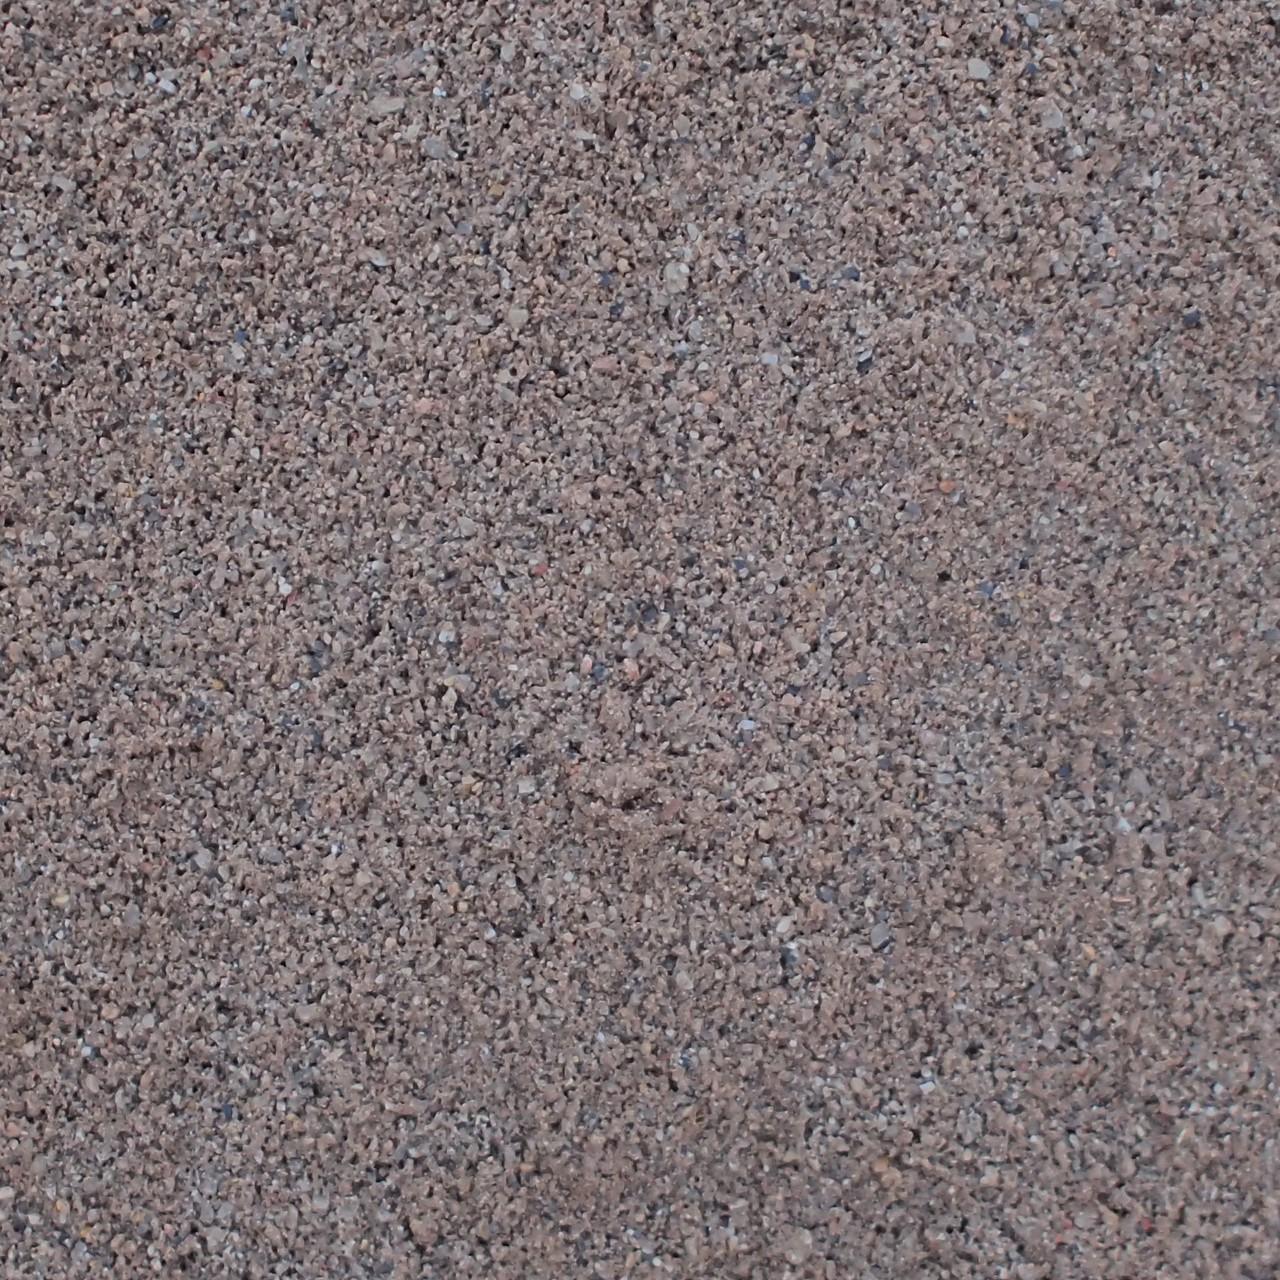 0-4mm Limestone Dust